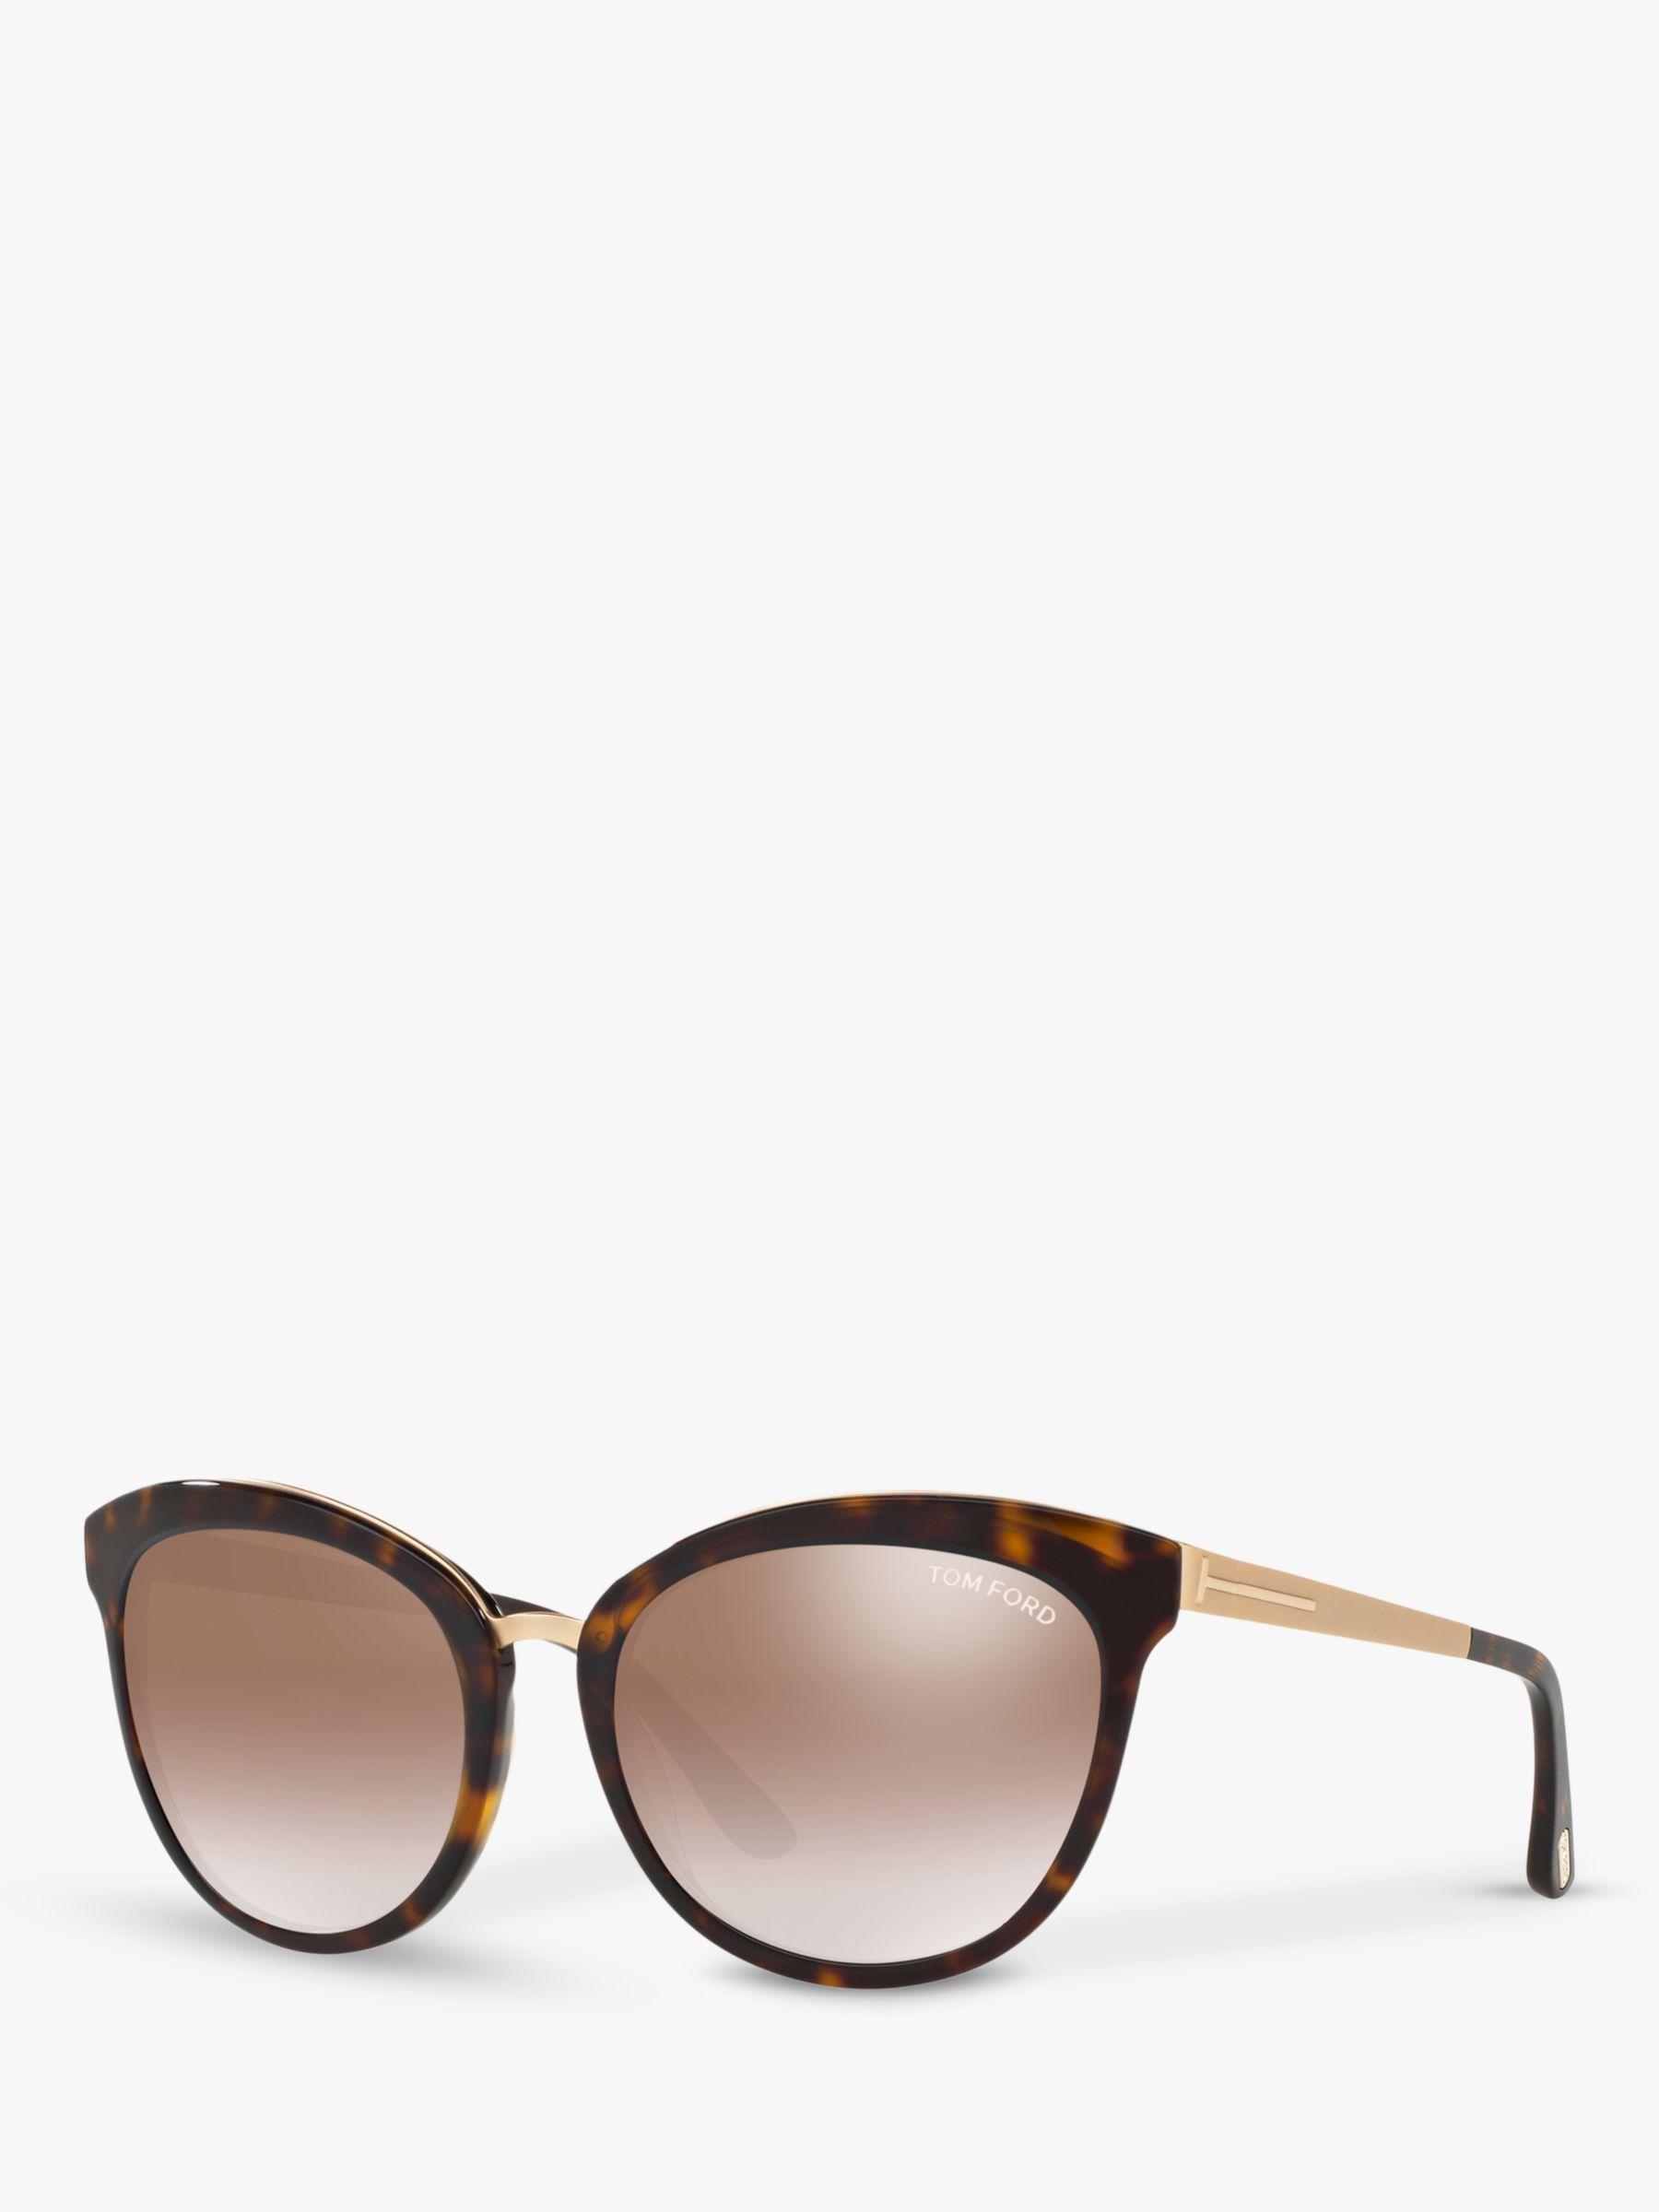 Tom Ford TOM FORD FT0461 Emma Cat's Eye Sunglasses, Tortoise